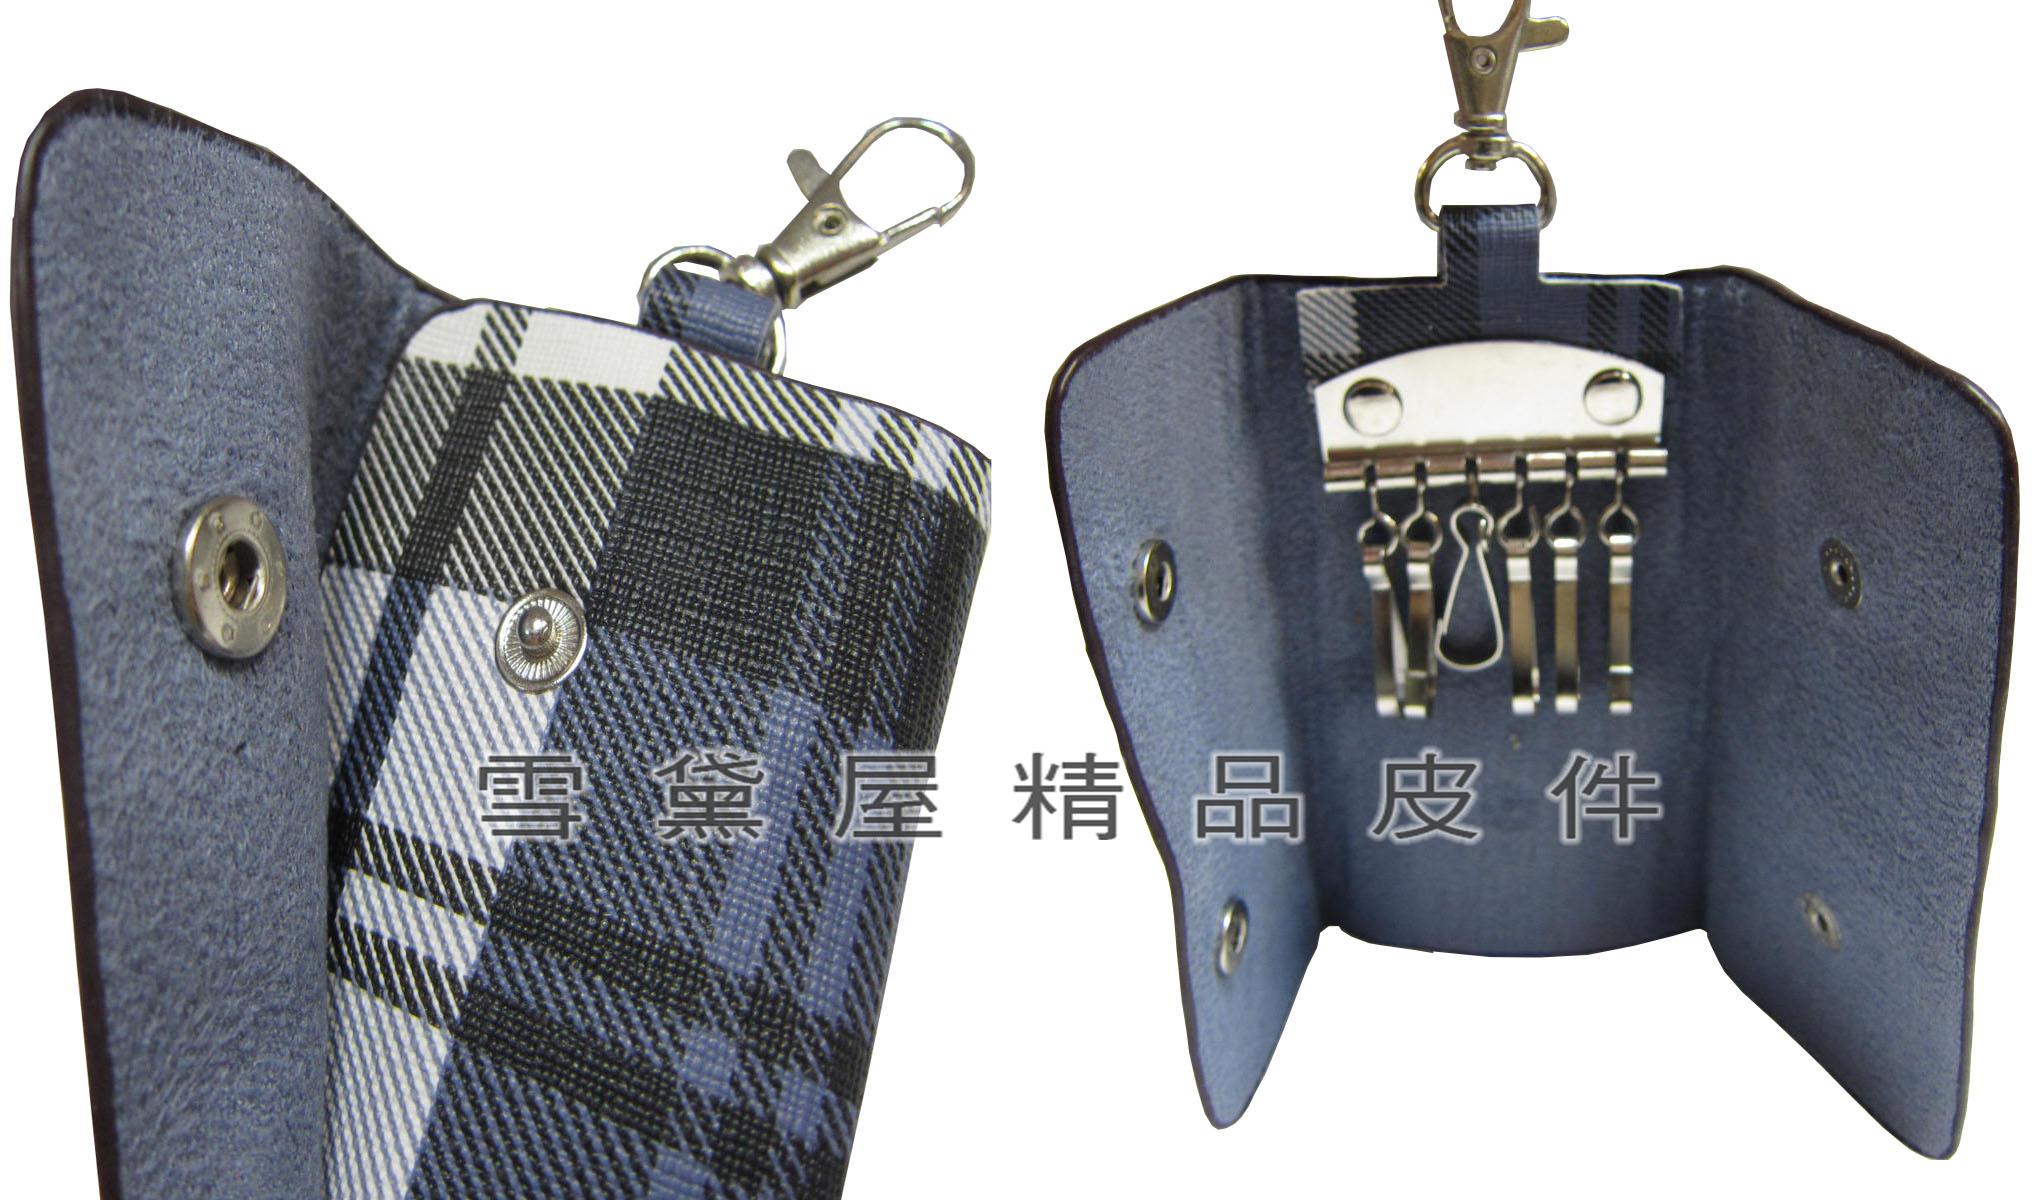 限時 滿3千賺10%點數↘ | ~雪黛屋~SANDIA-POLO 鑰匙包進口專櫃鑰匙包進口防水防刮皮革材質6支鑰匙容量簡易型好攜帶70-SA1301-1